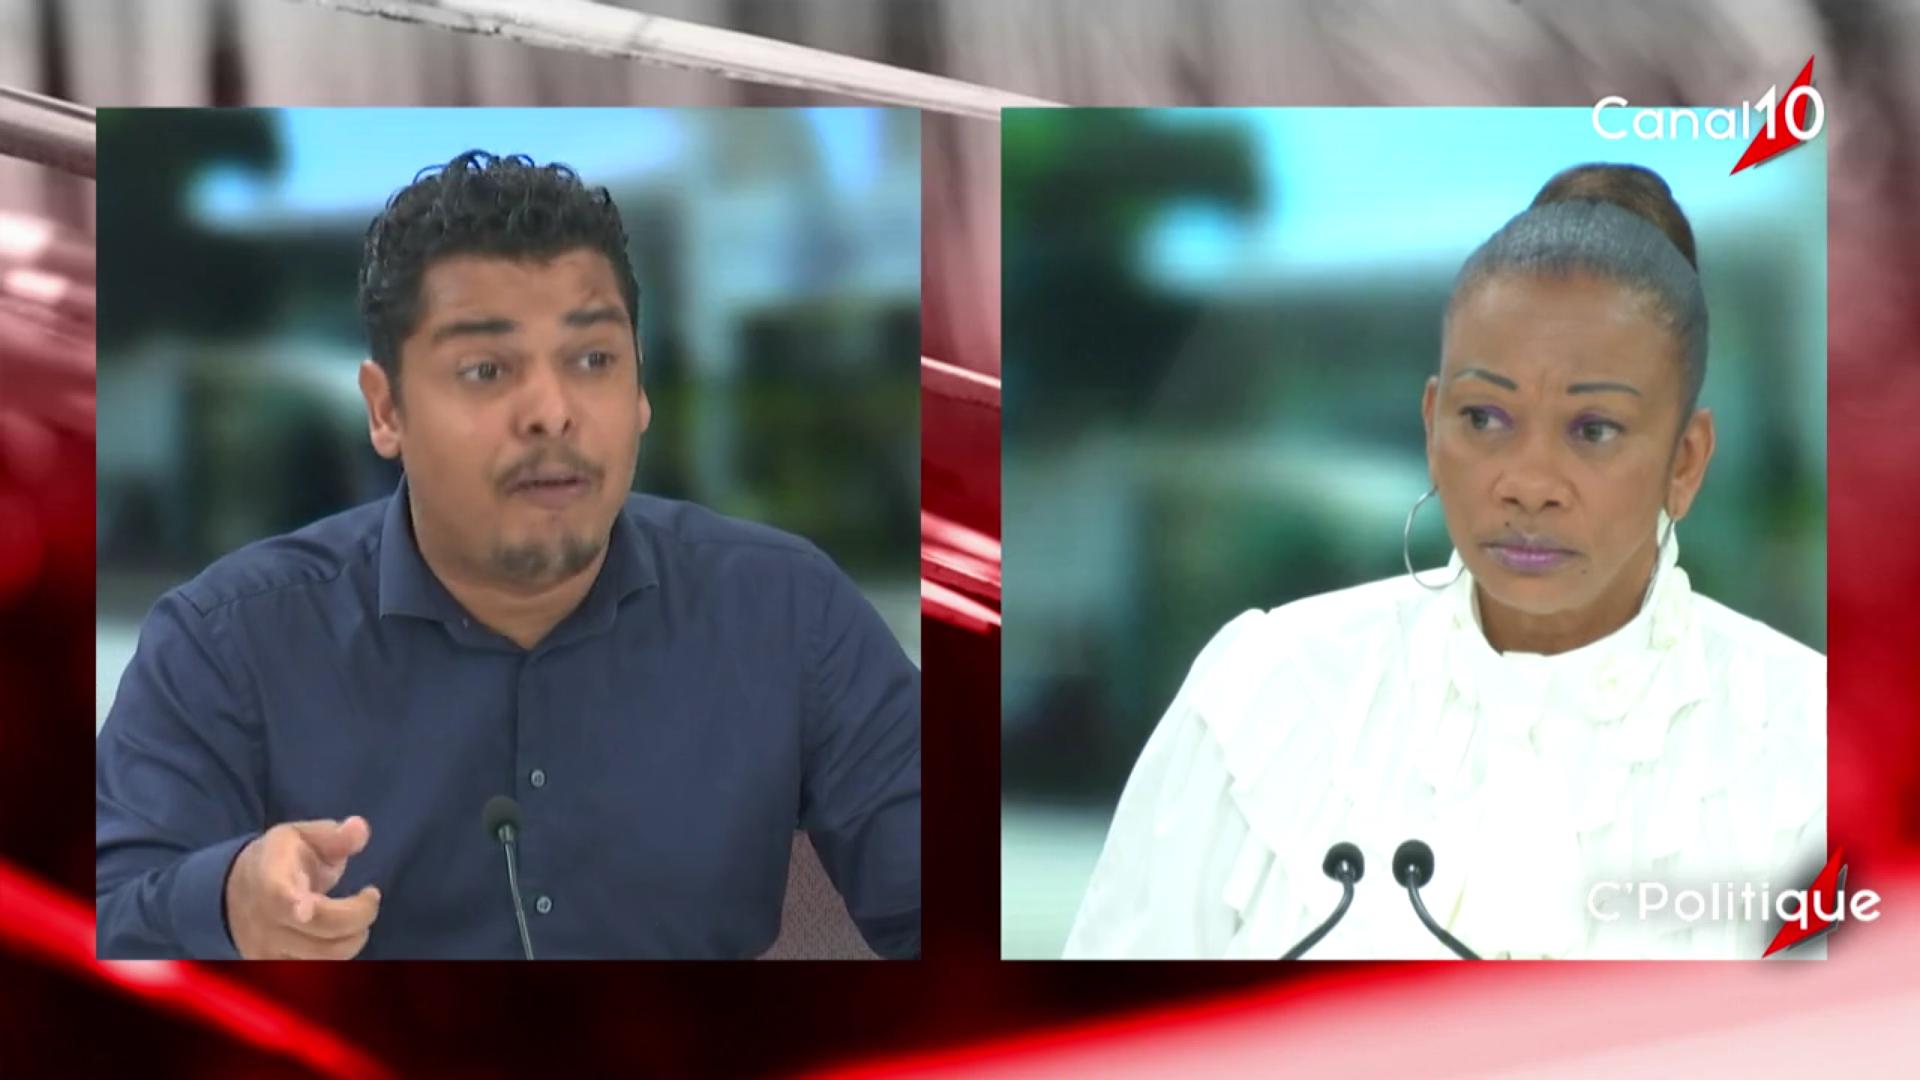 [Vidéo] Onews Guadeloupe. Cédric CORNET maire du Gosier Invité de C politique d Yvelise BOISSET